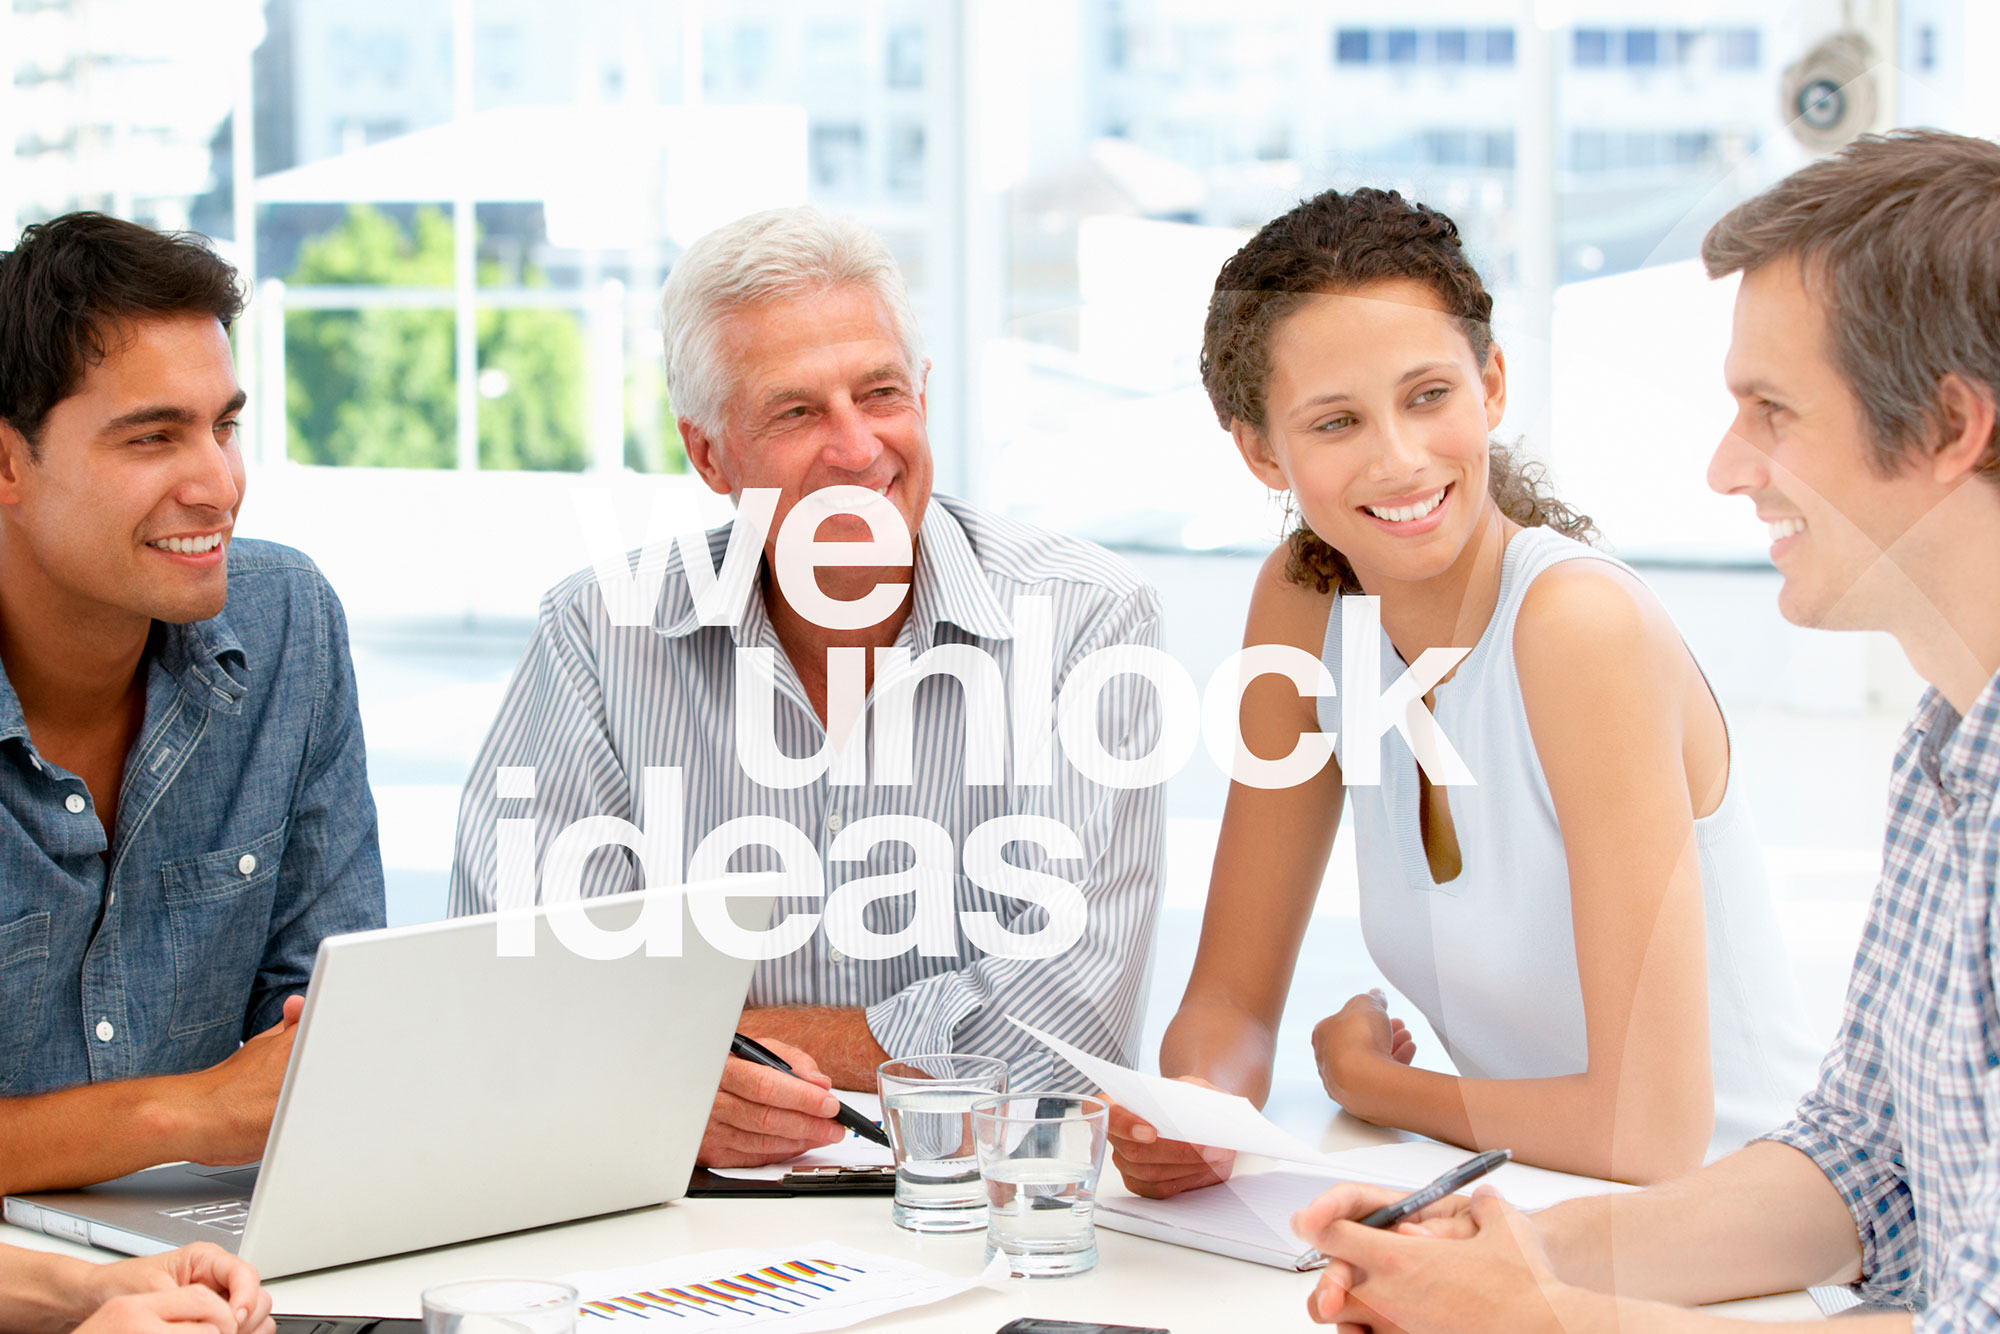 A_we-unlock-ideas_people.jpg